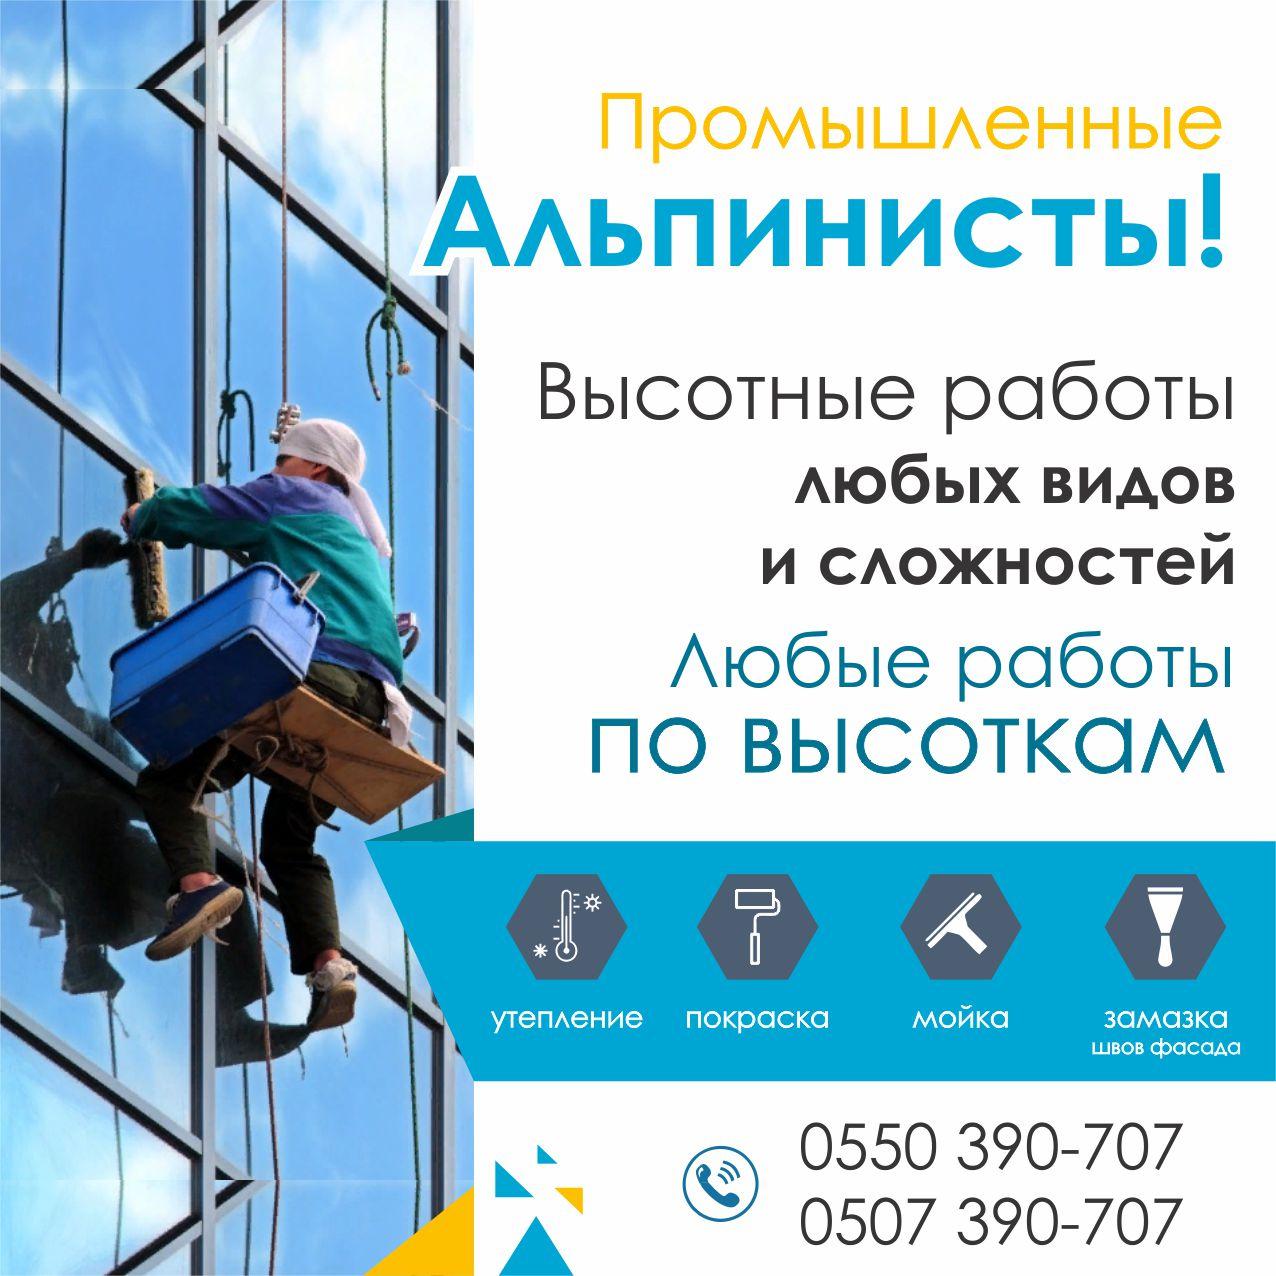 Требуется на работу промышленный альпинист